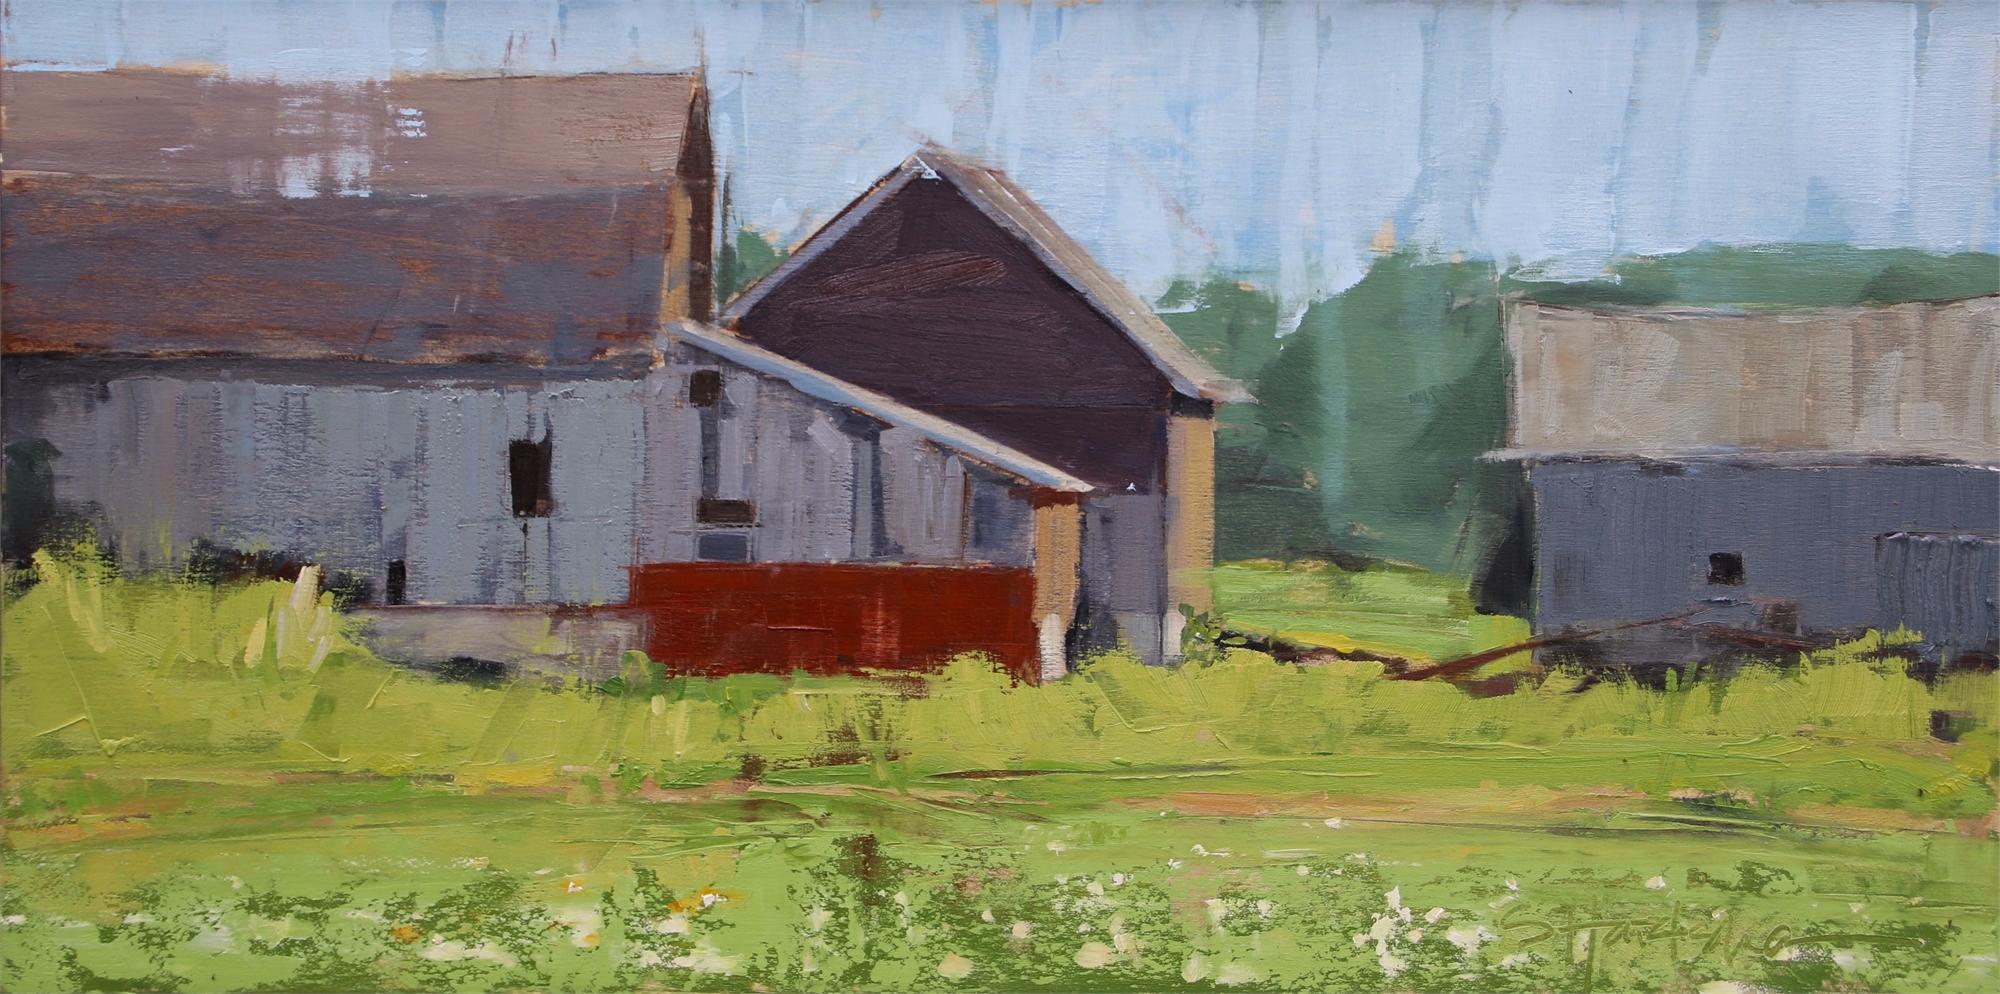 Barn Sides by Stephanie Hartshorn